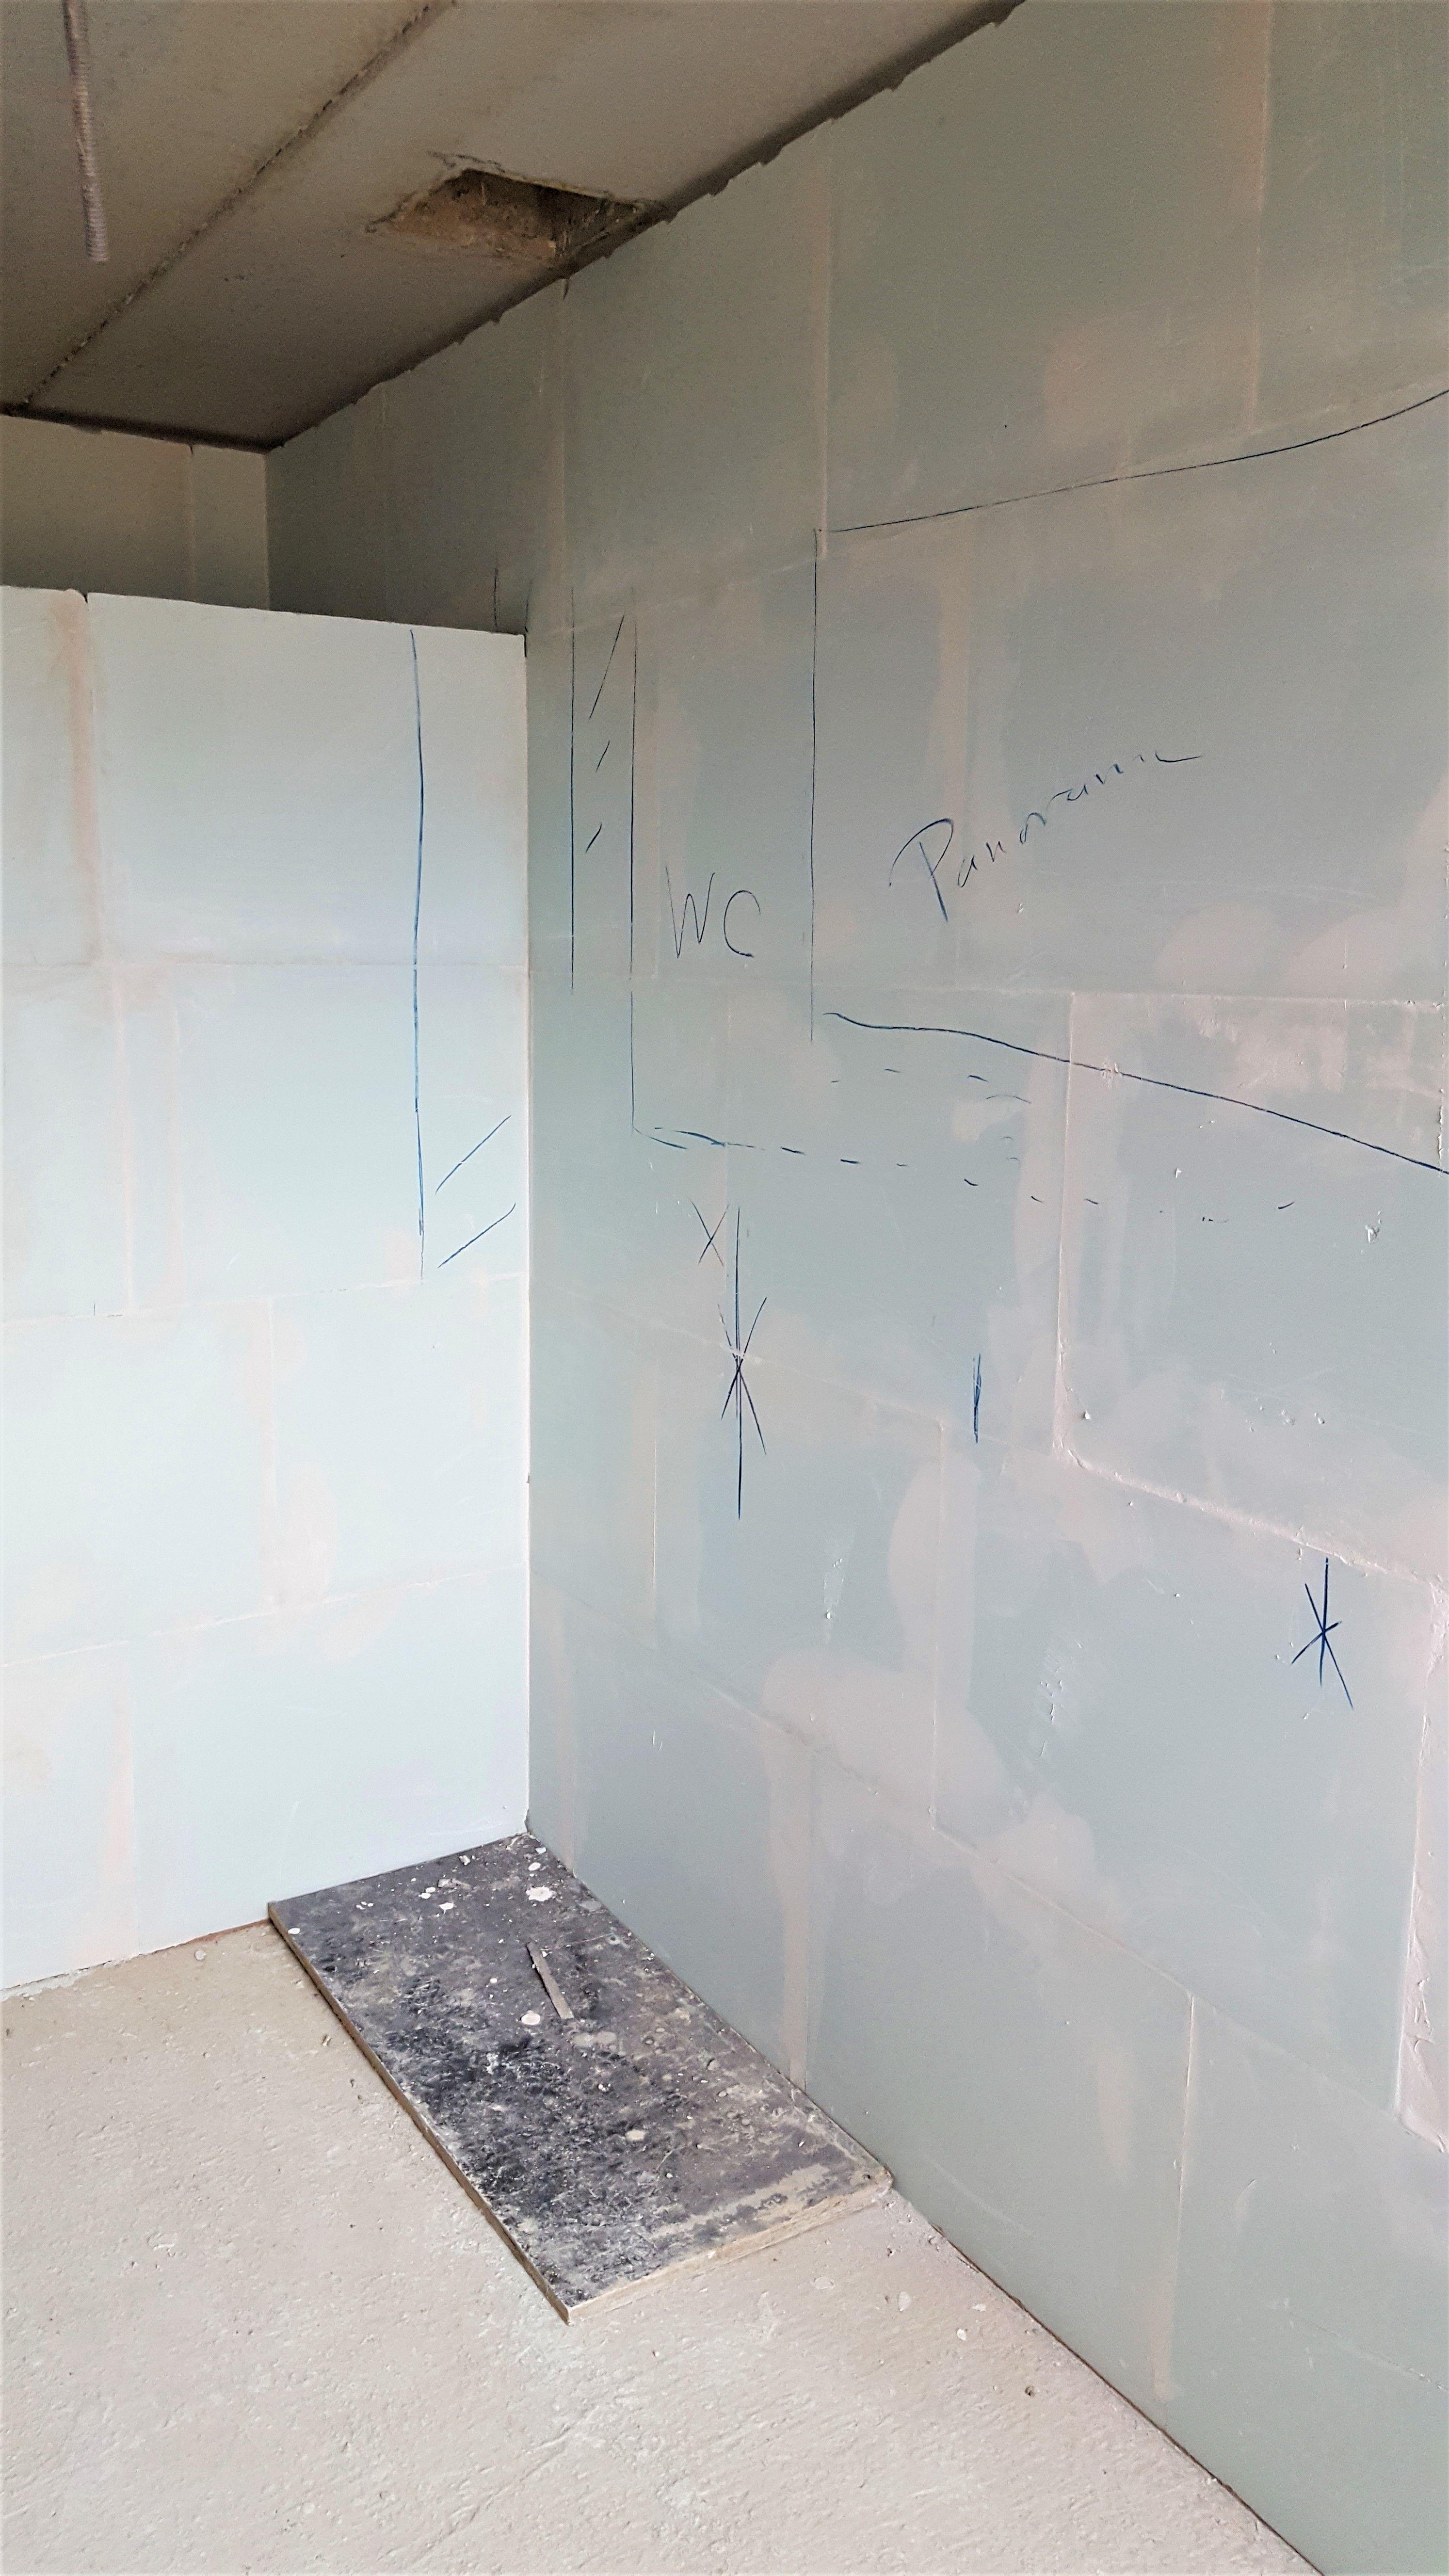 Badezimmer Im Vorher Und Nachher Vergleich Das Ergebnis Auf Lyngy De Badezimmer Badezimmer Badezimm In 2020 Badezimmer Badezimmereinrichtung Badezimmer Inspiration